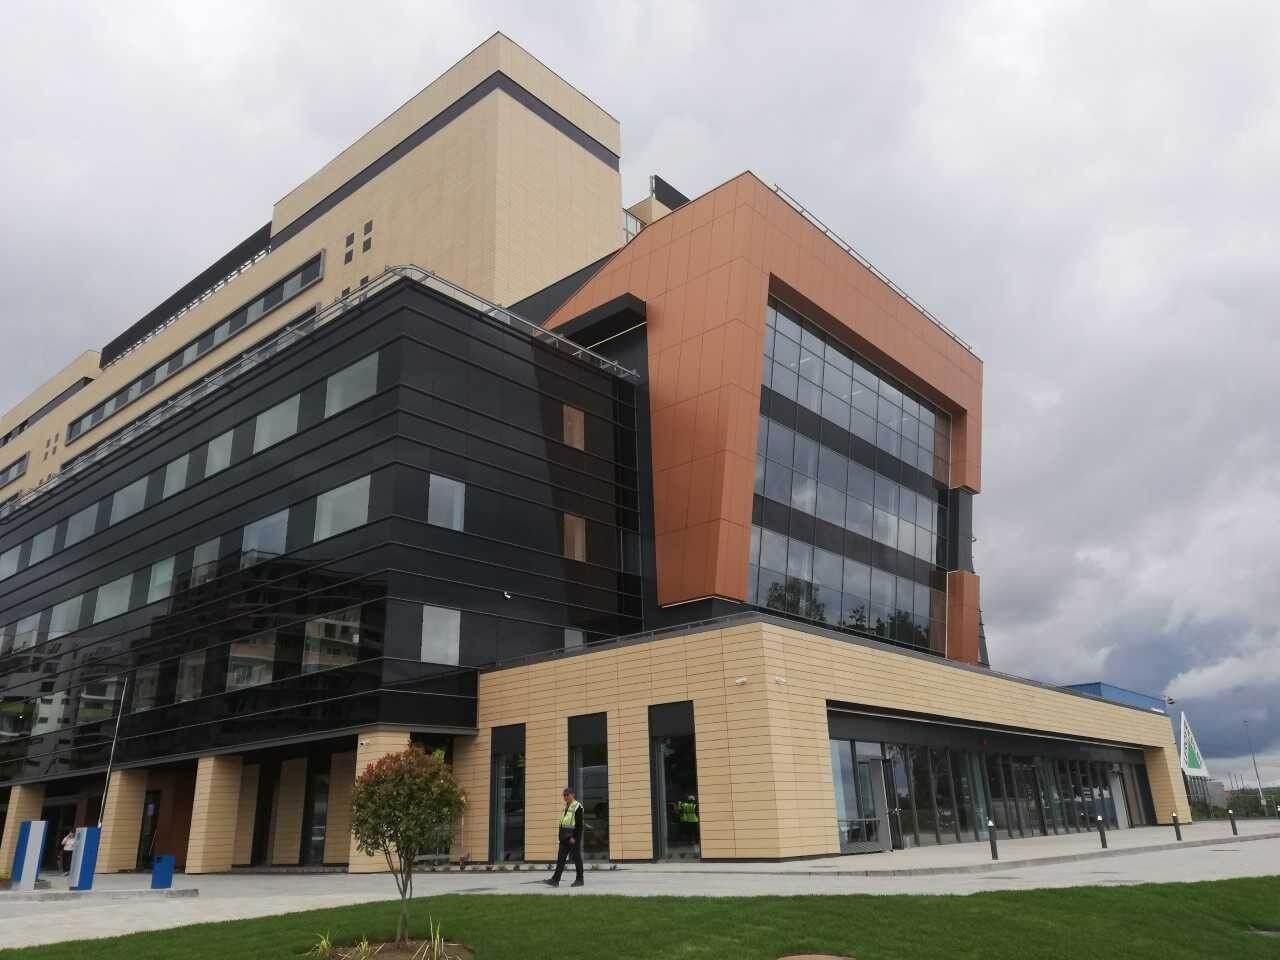 Magyar beruházással és kivitelezéssel épült irodaház Kolozsváron